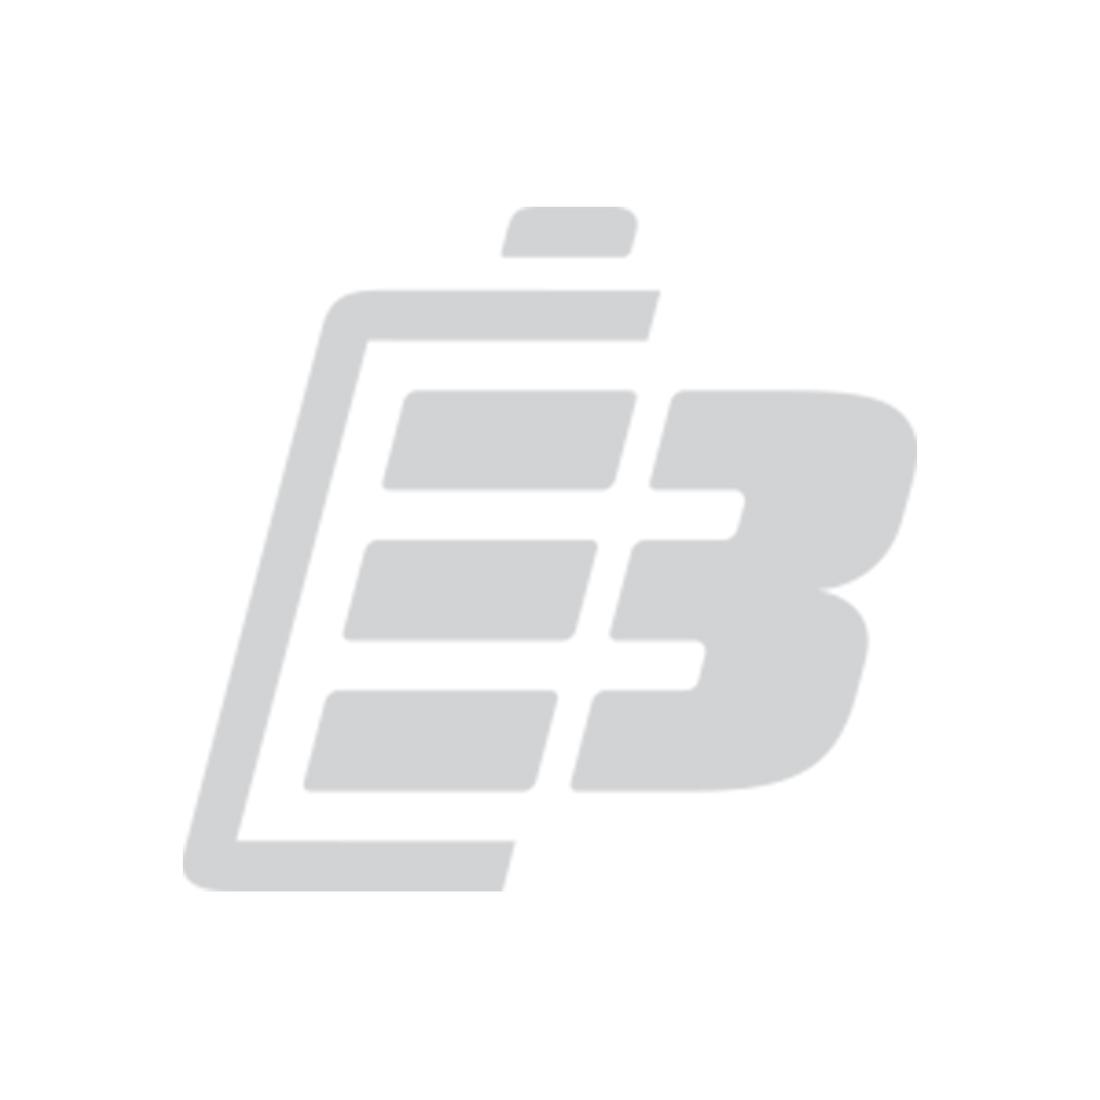 Cordless phone battery Panasonic HHR-P102_1